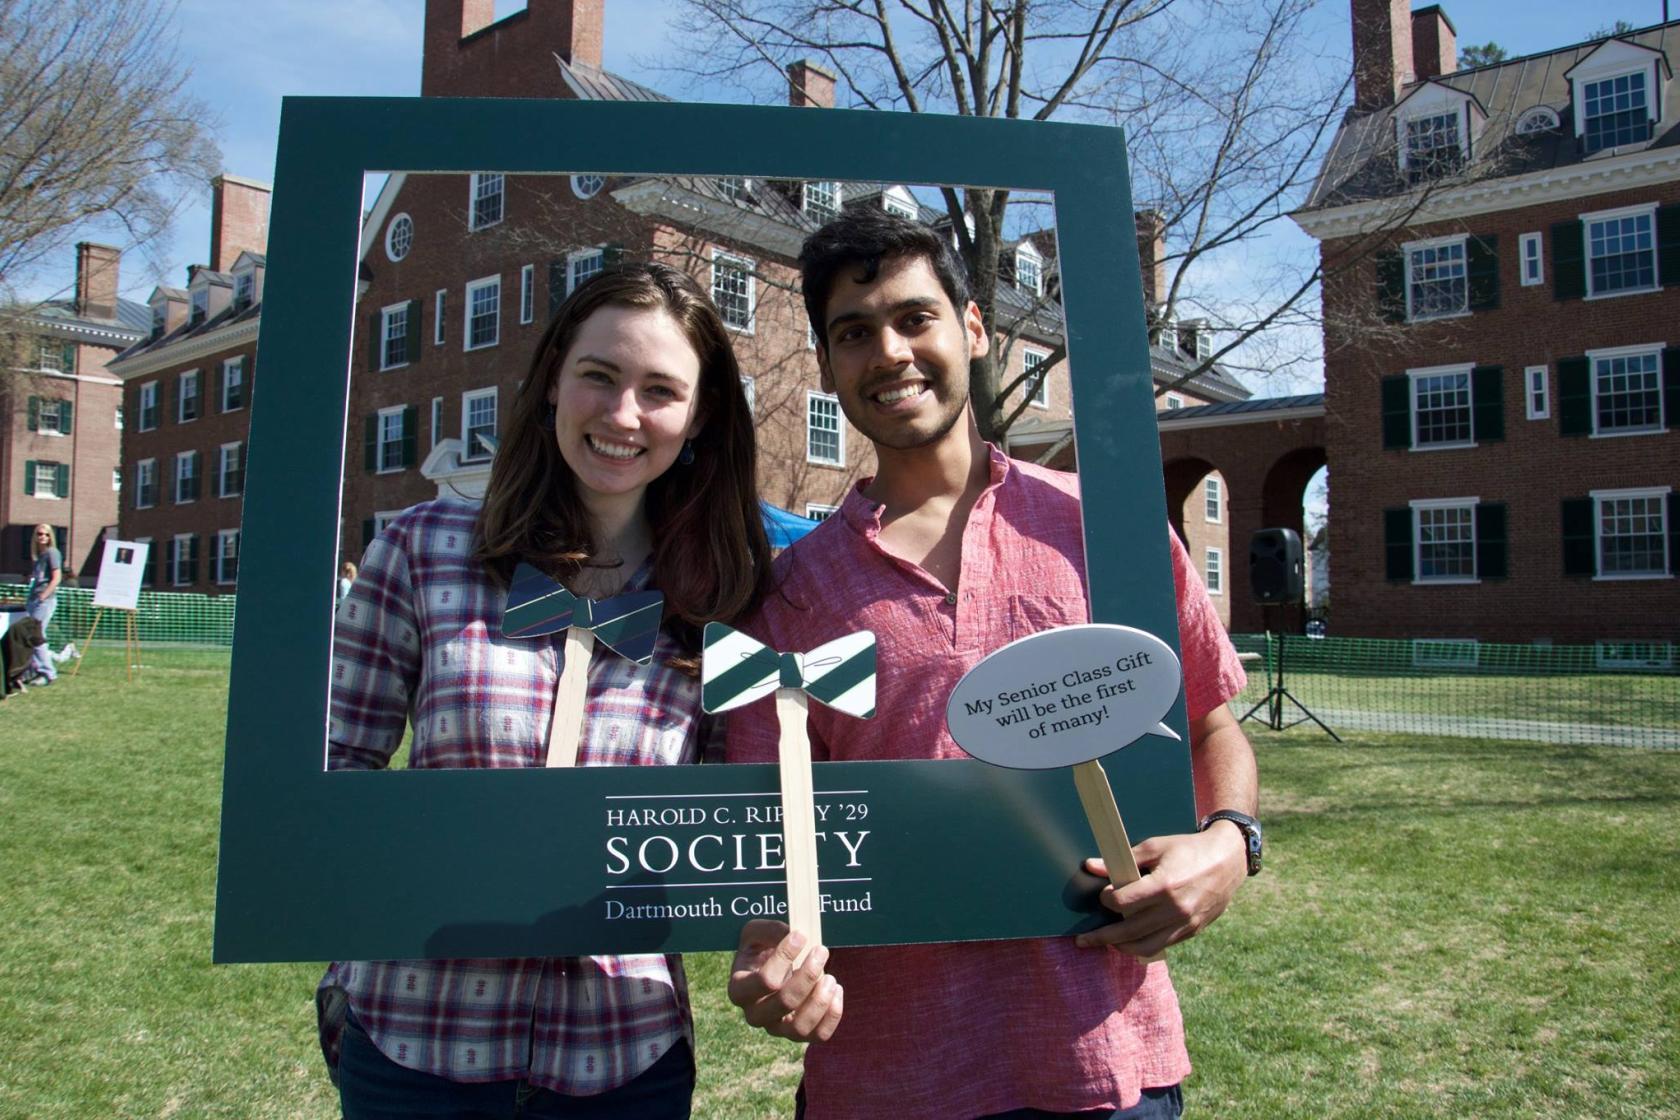 Students in Harold C. Ripley '29 Society photobooth